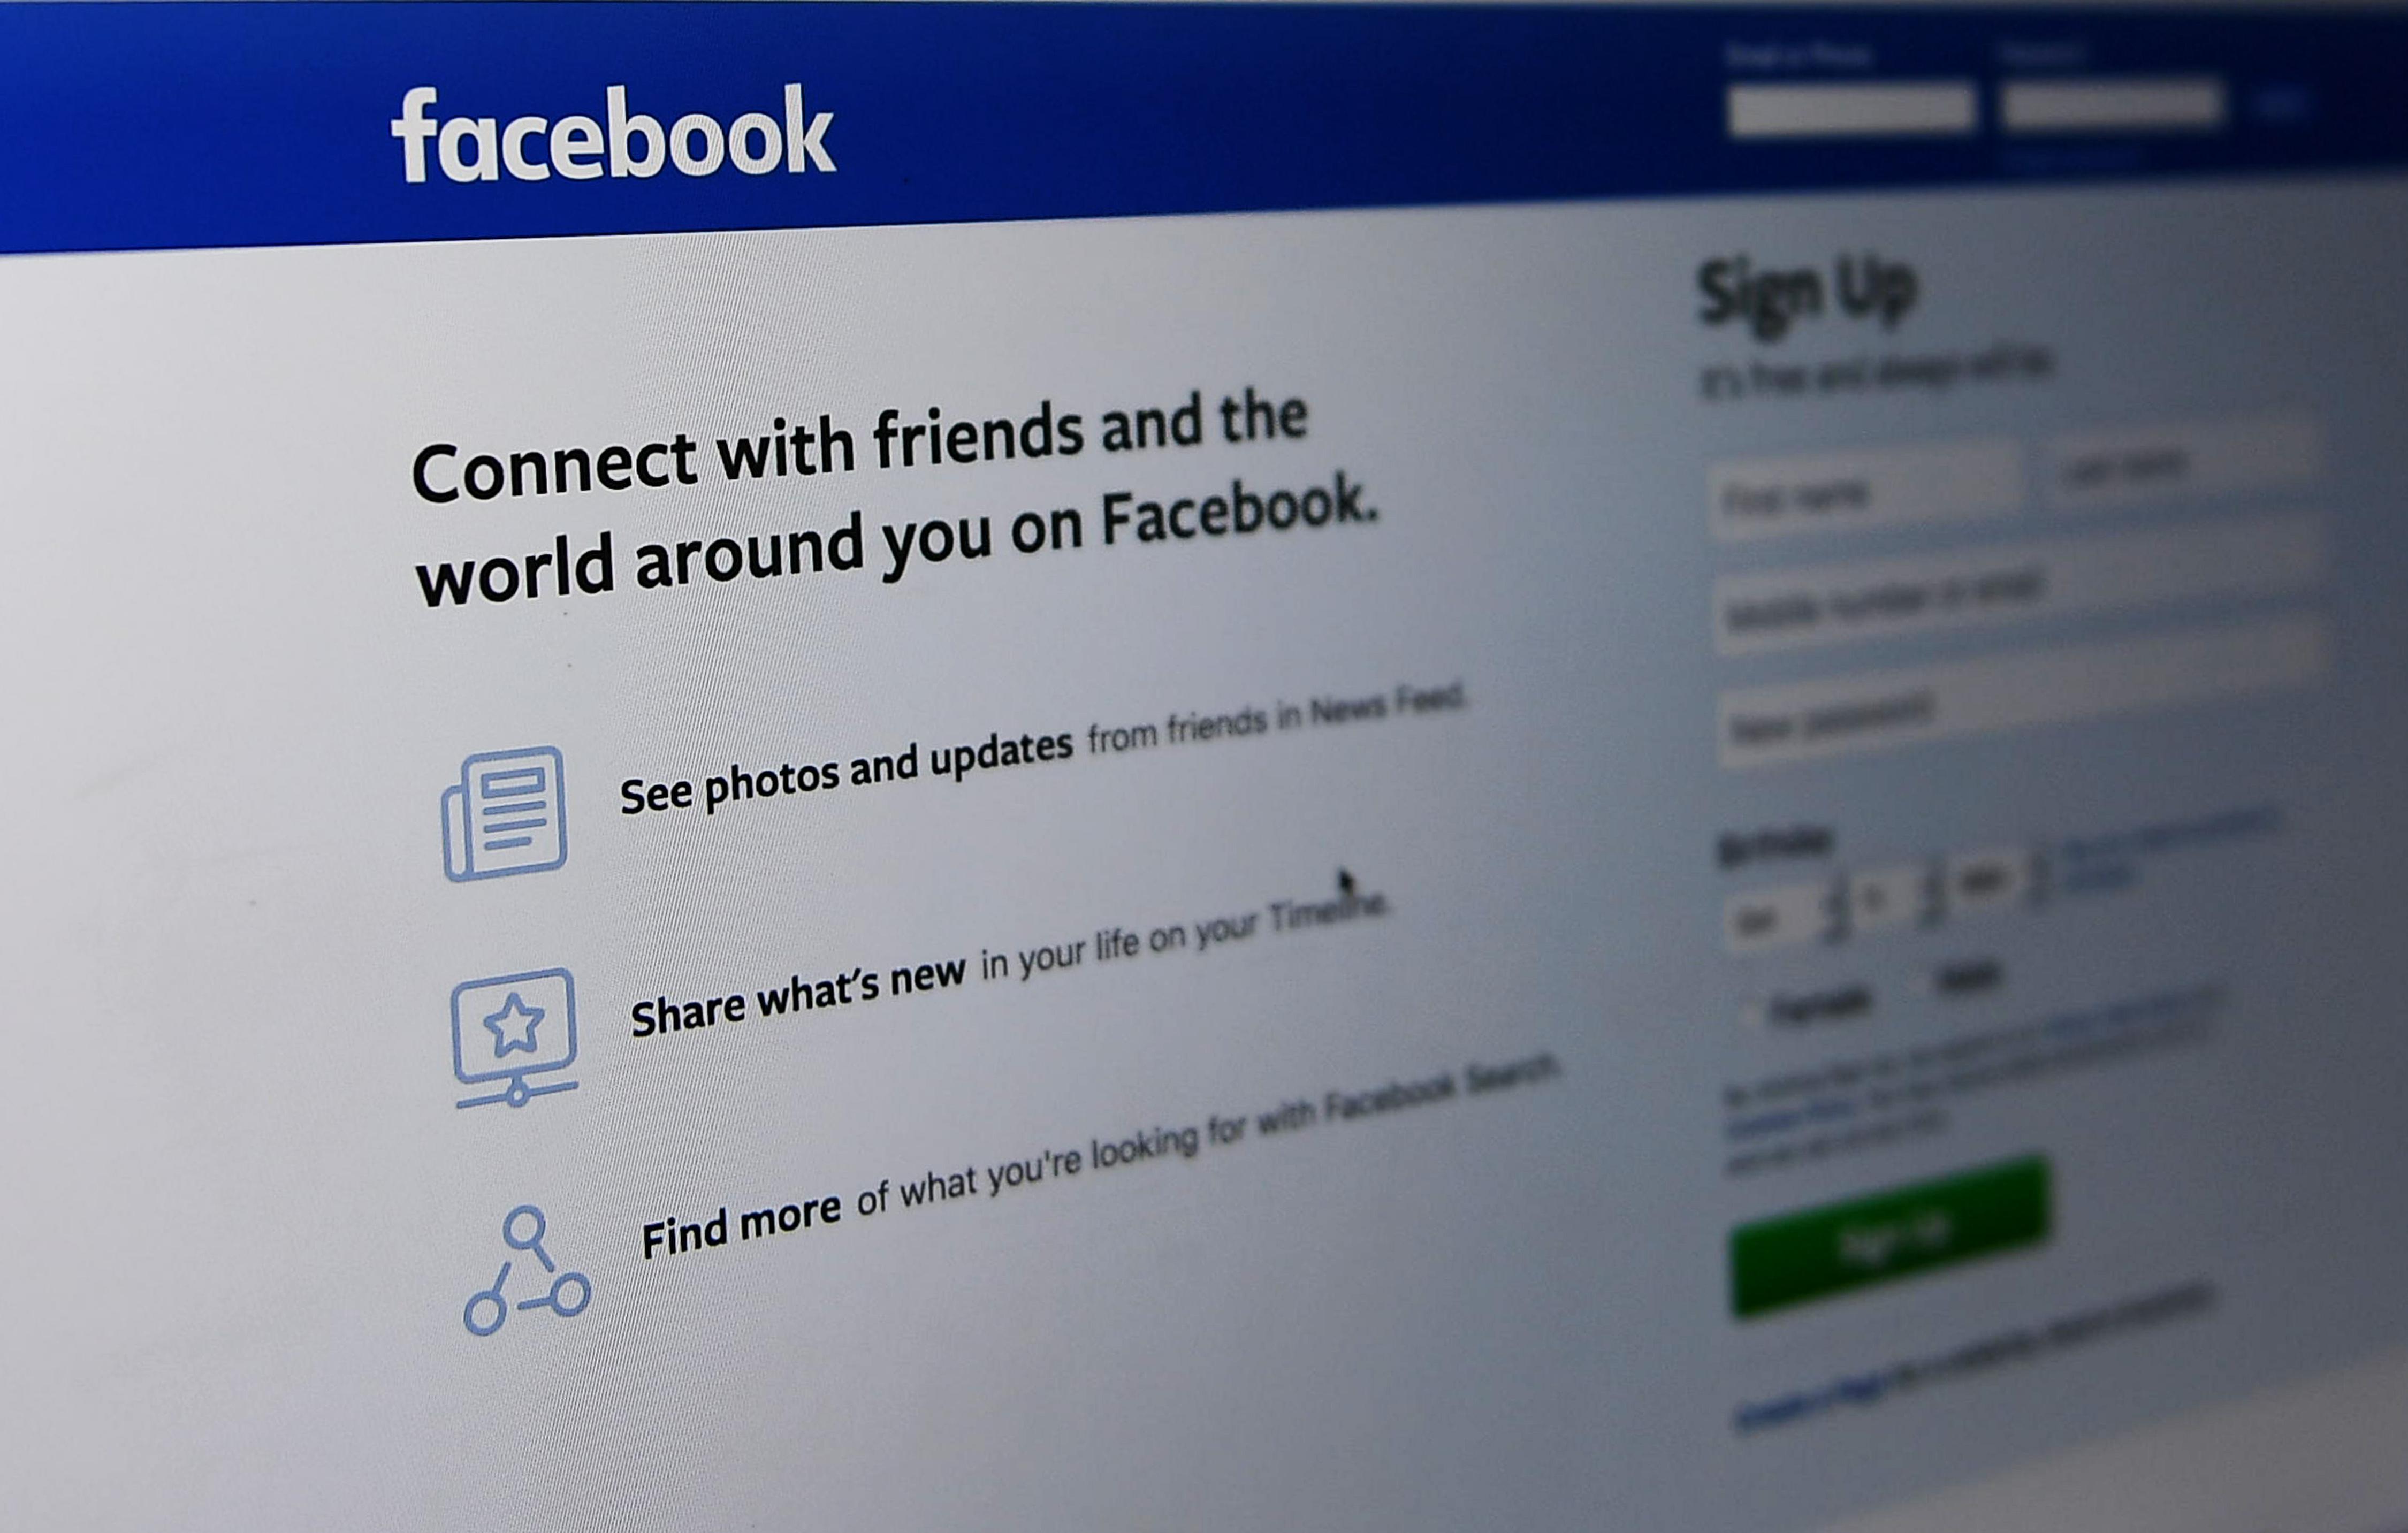 Privéberichten Facebook Gebruikers Online Buitenland Telegraafnl